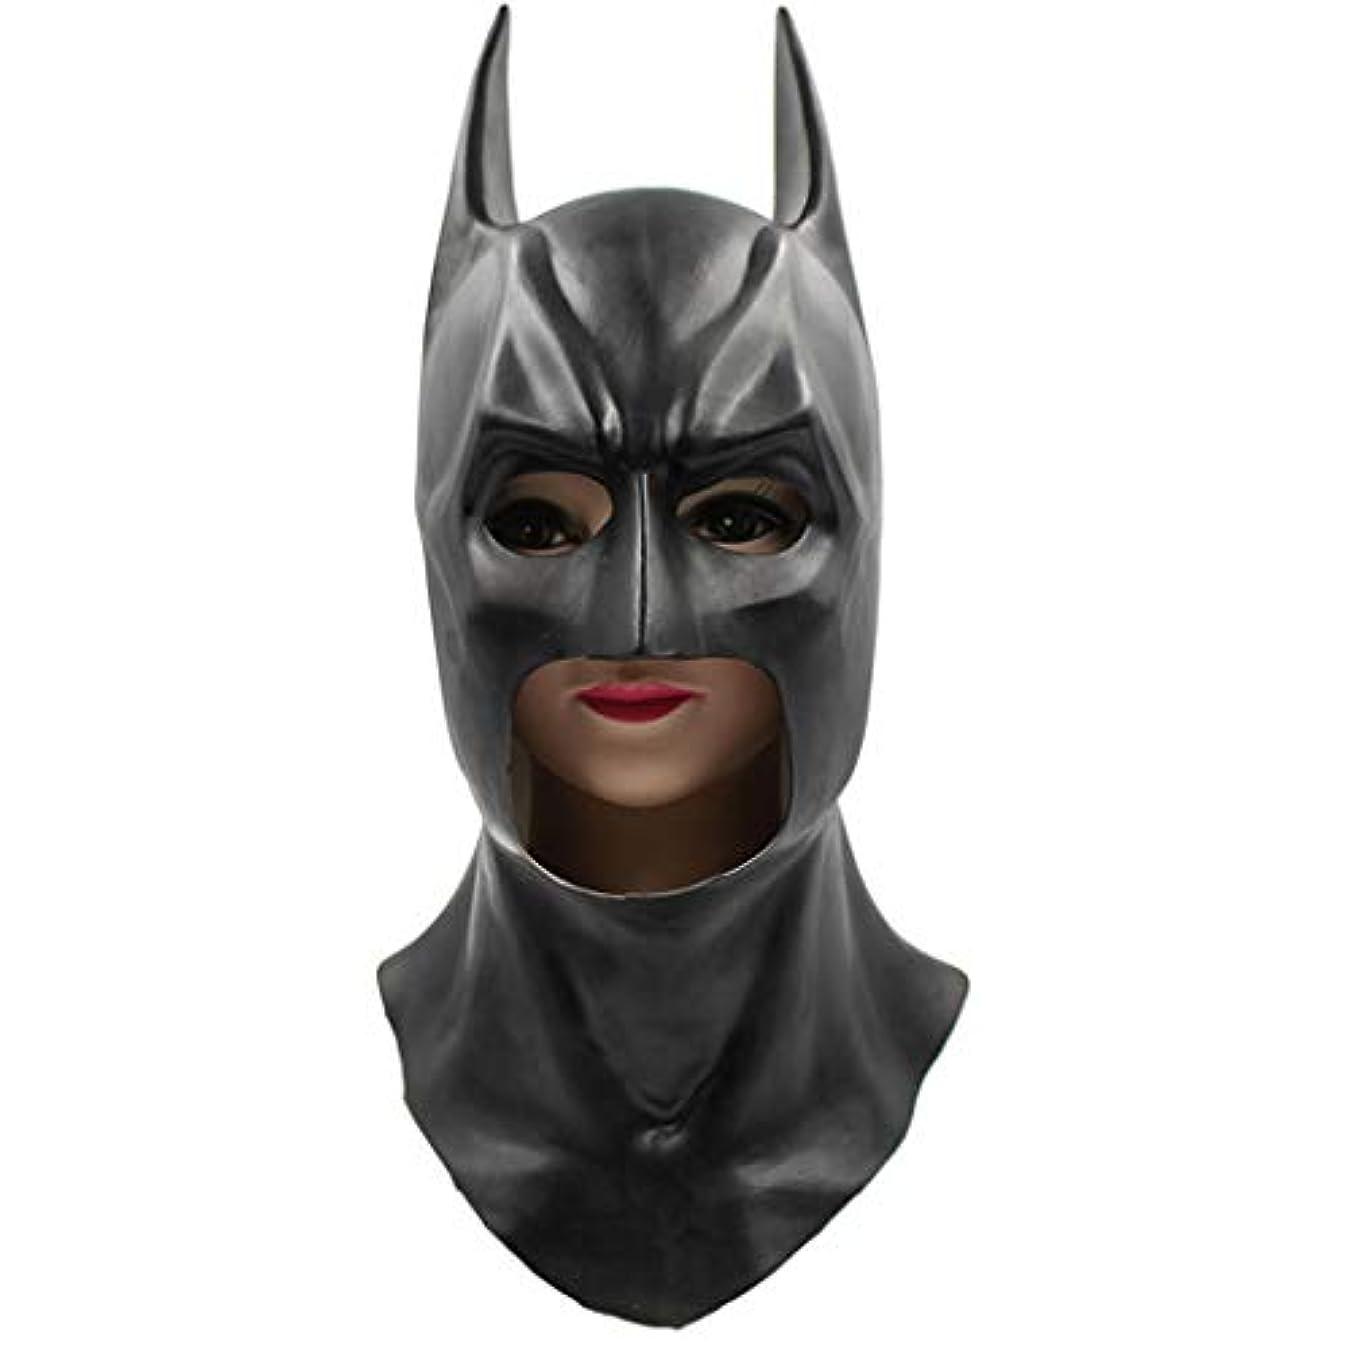 バースト頑丈受信バットマンマスクパーティーダンス小道具卸売ハロウィンラテックス玩具